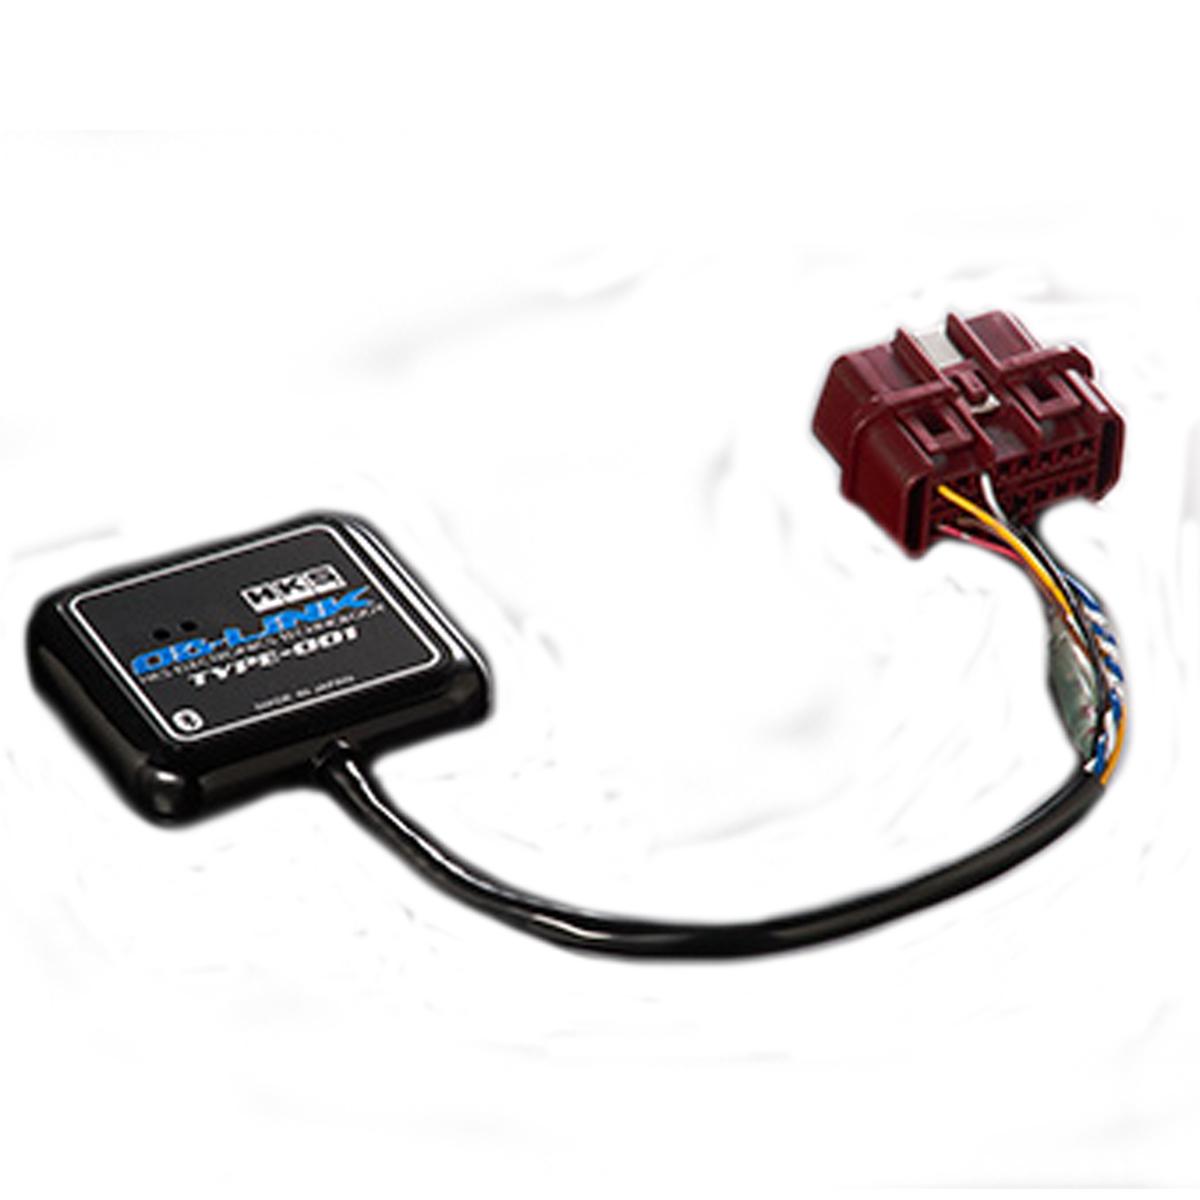 ティーダ モニター OBリンク タイプ 001 JC11 HKS 44009-AK002 エレクトリニクス